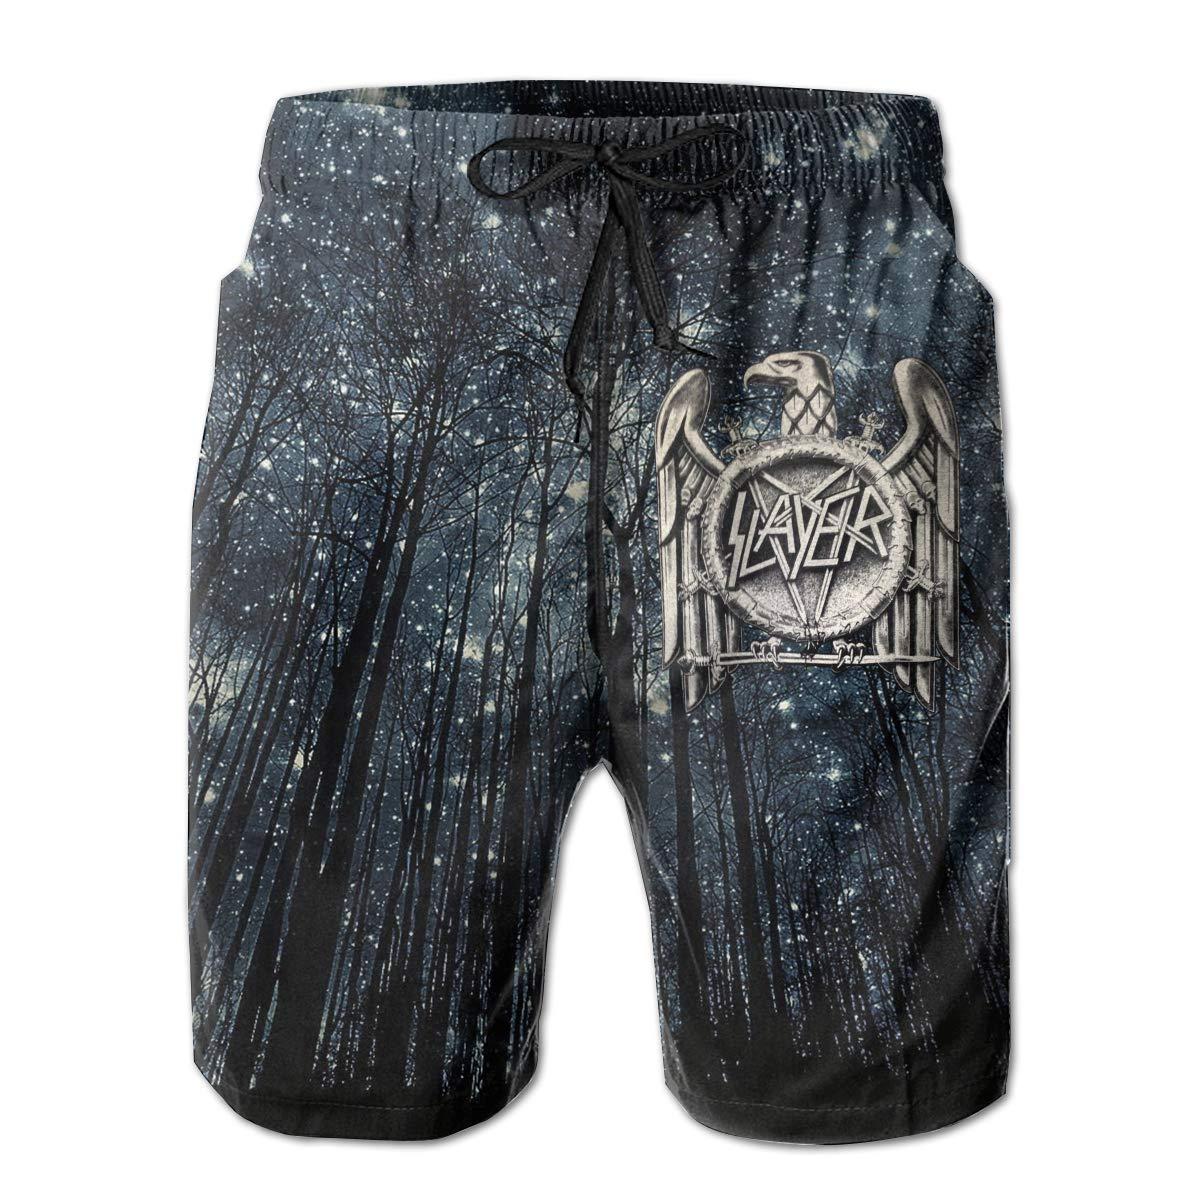 Slayer Band Man Summer Casual Shorts,Beach Shorts Quick Dry Short